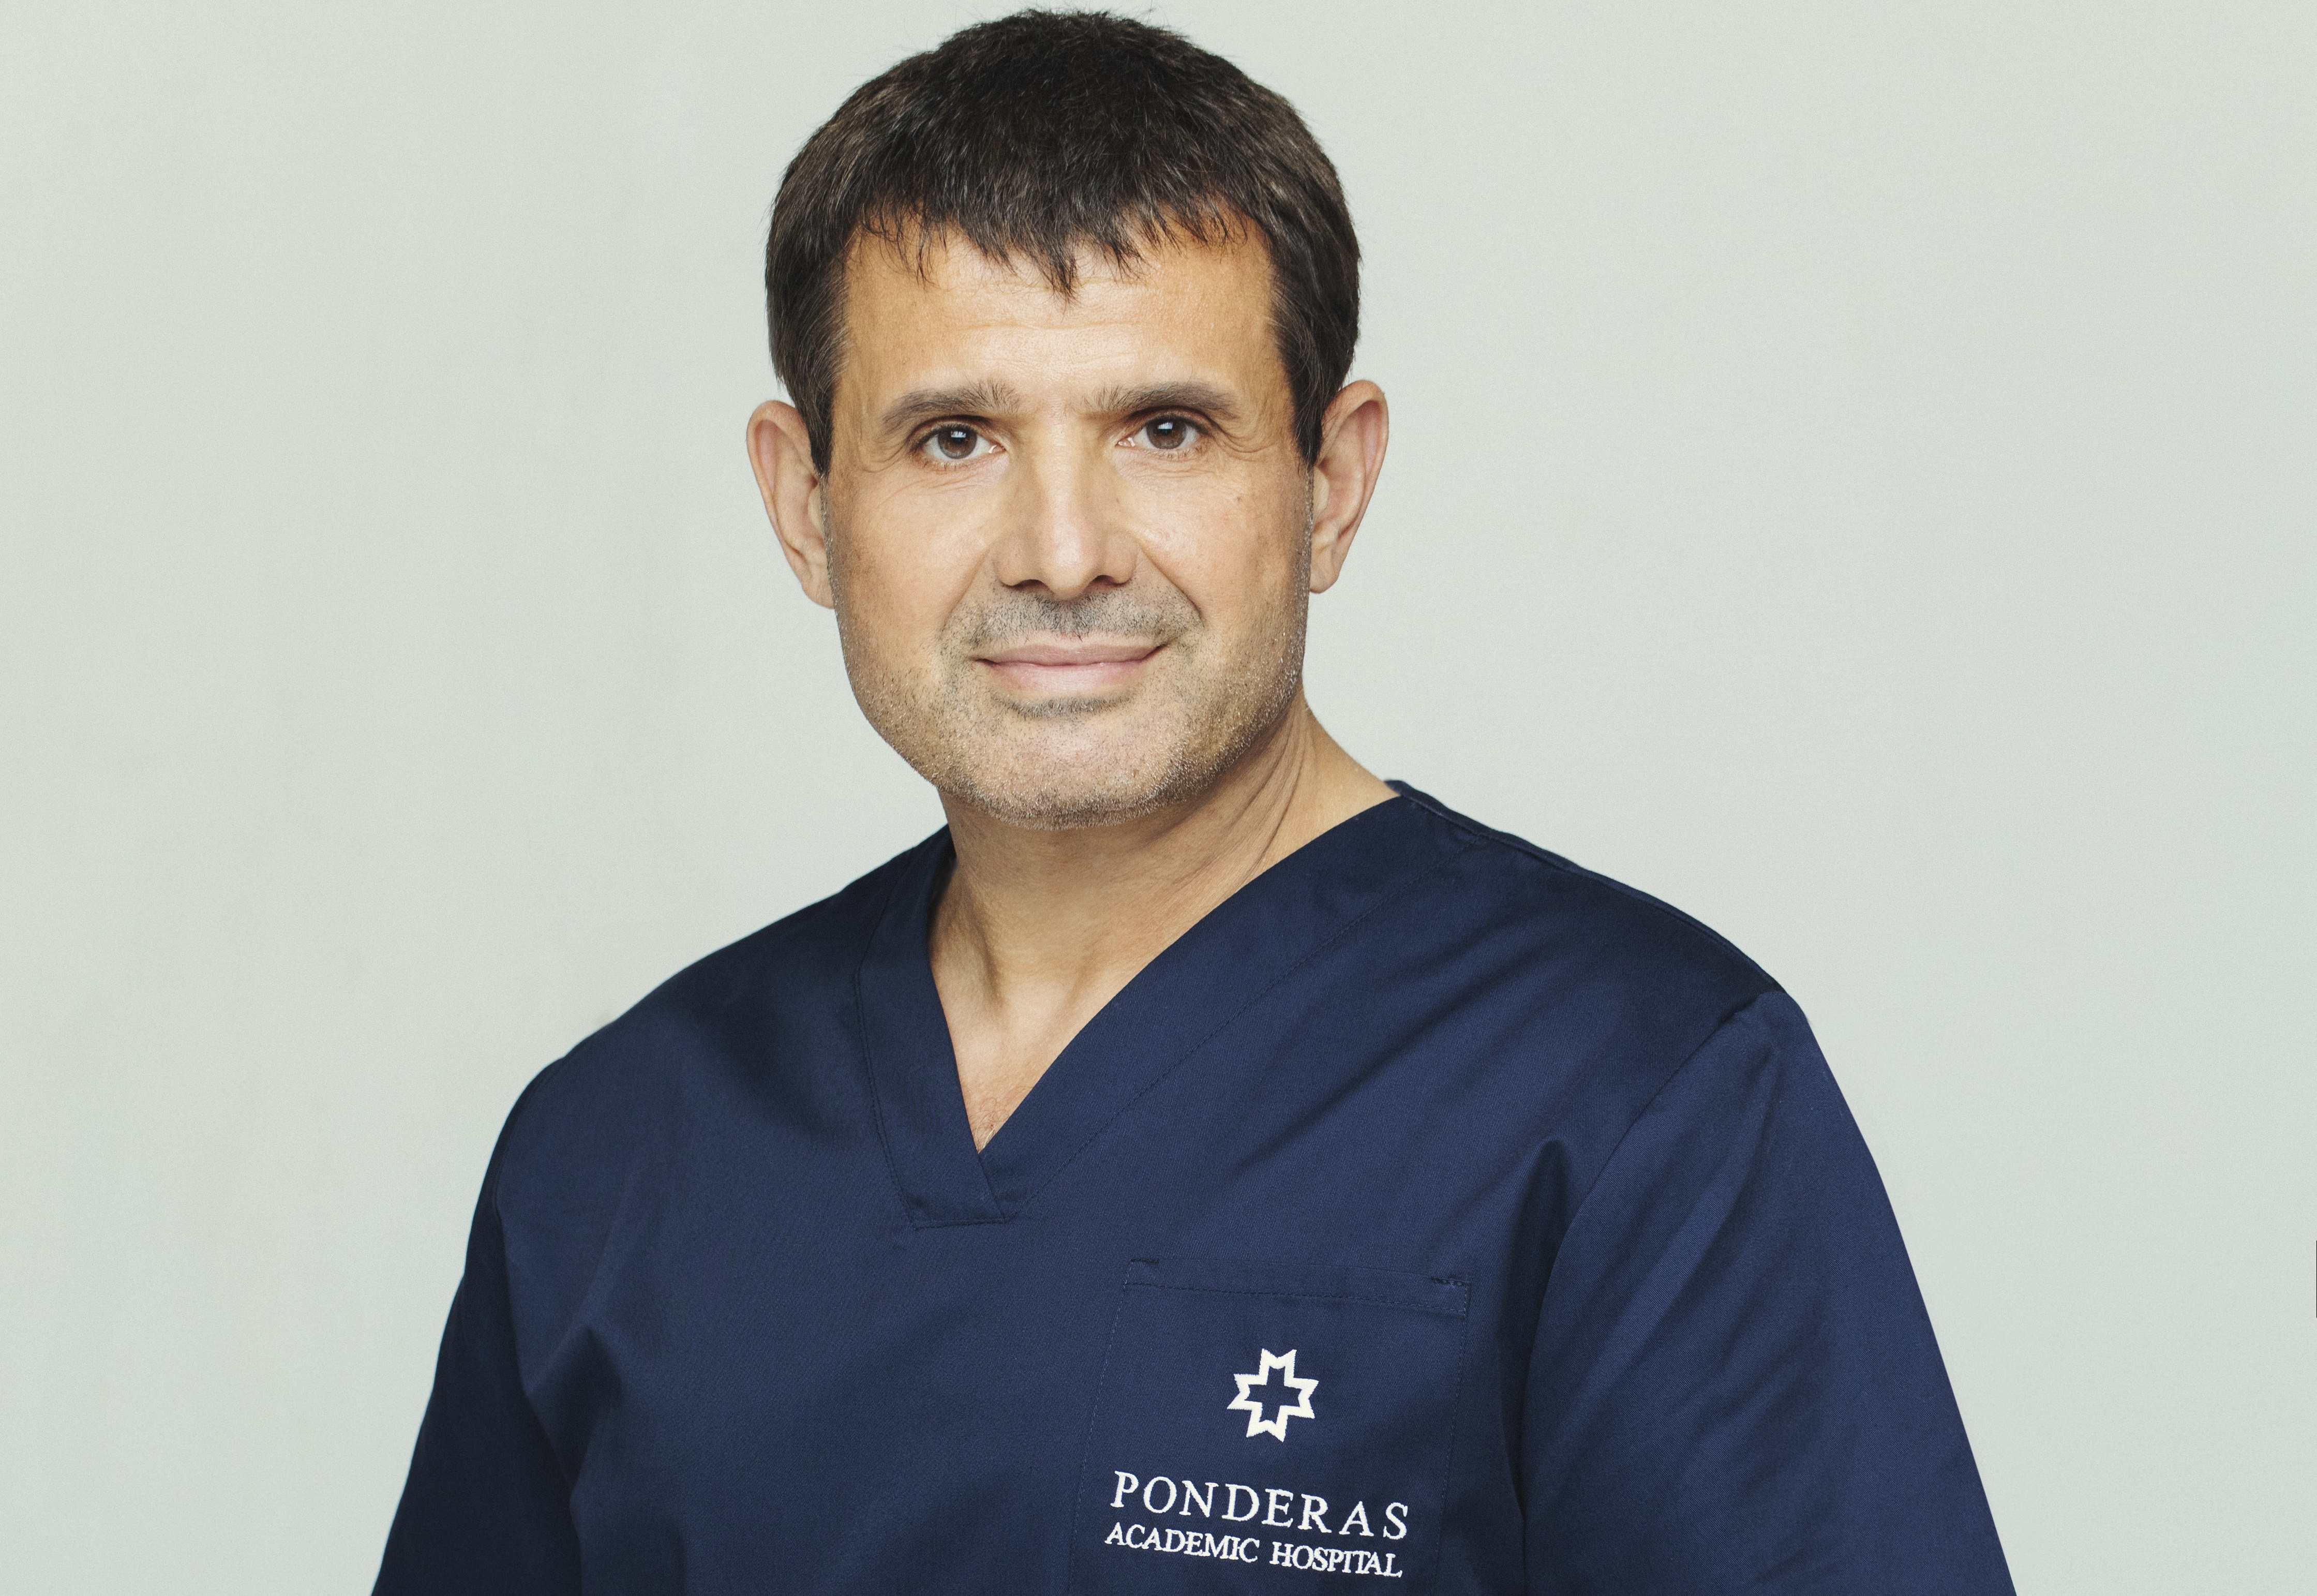 Program de lucru Regina Maria Ponderas Academic Hospital în Bucureşti